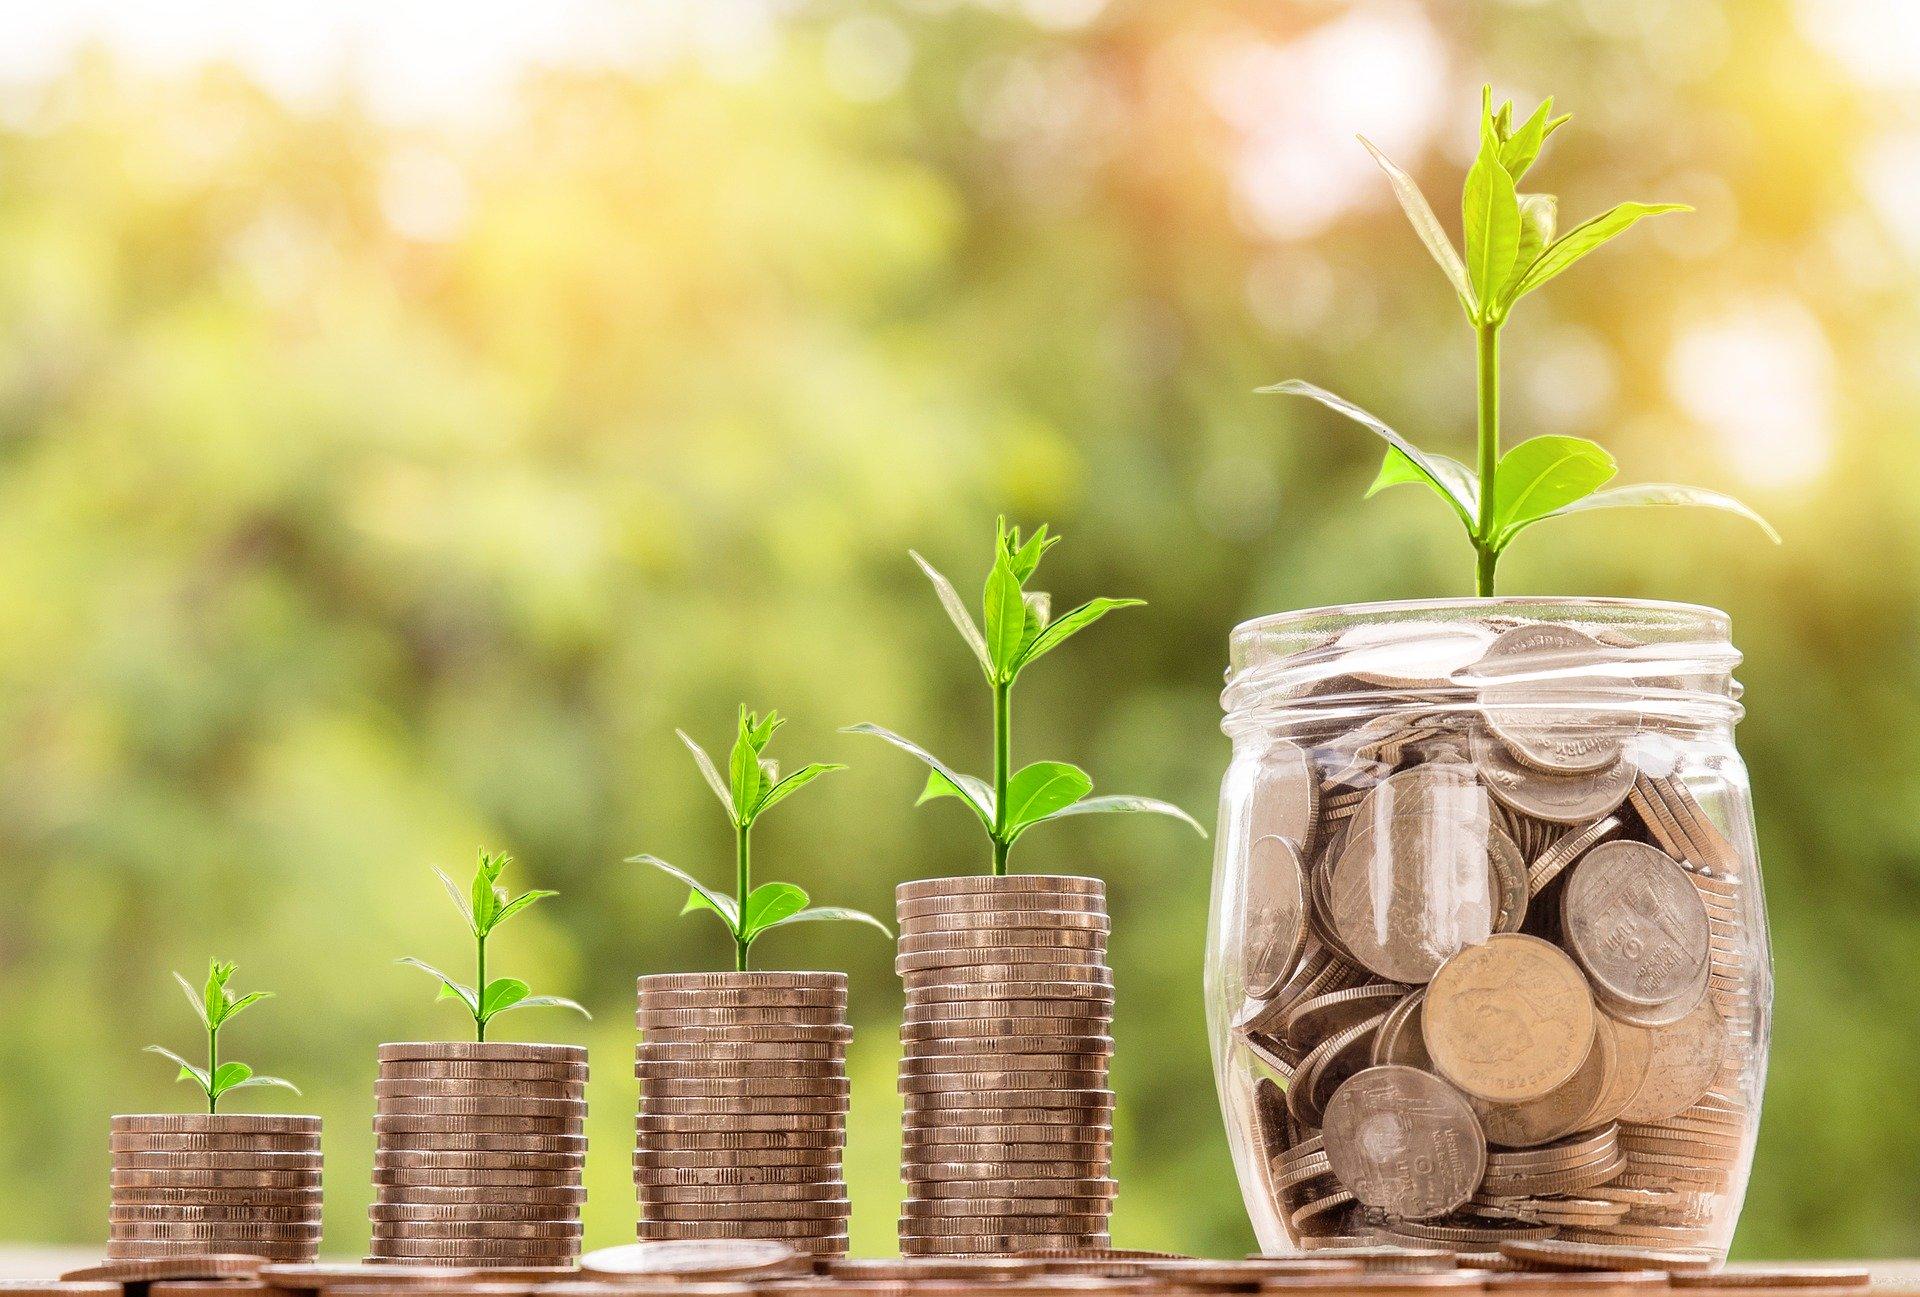 お金に強くなるための3つの秘訣とは?